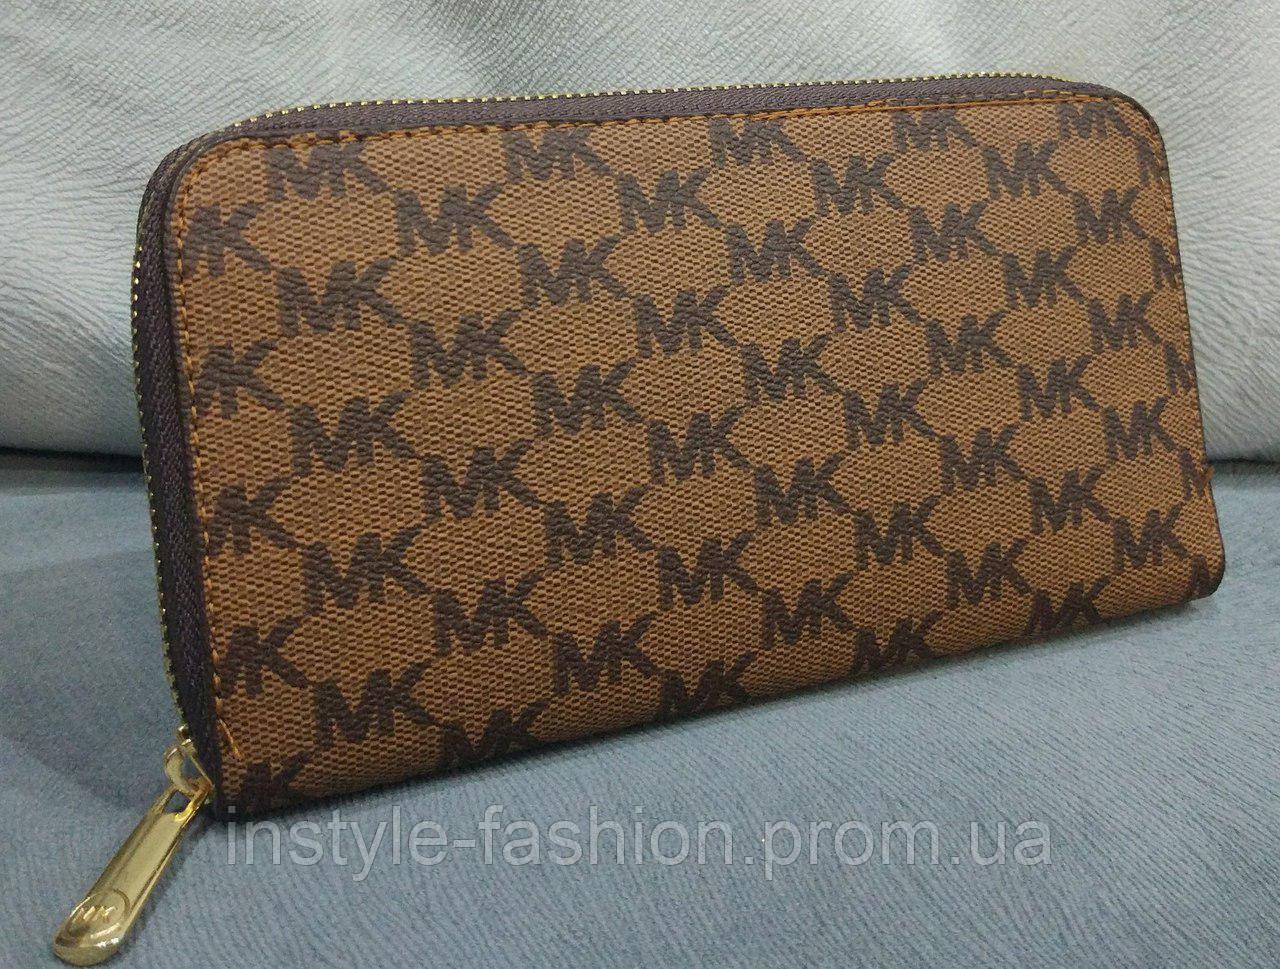 Кошелек женский брендовый Майкл Корс Michael Kors эко-кожа коричневый